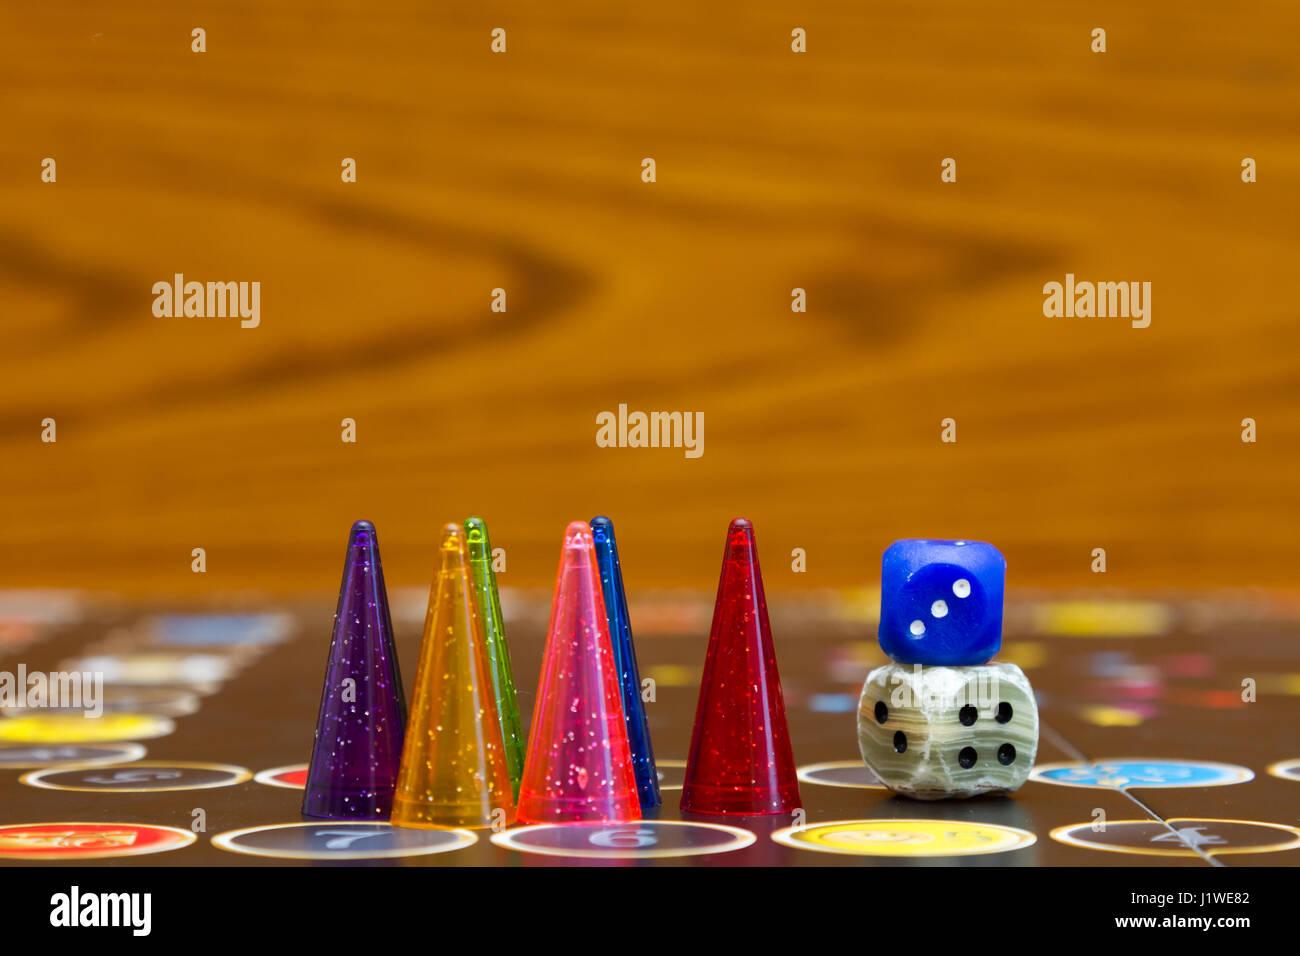 Ludo Counter Play Game Imagenes De Stock Ludo Counter Play Game